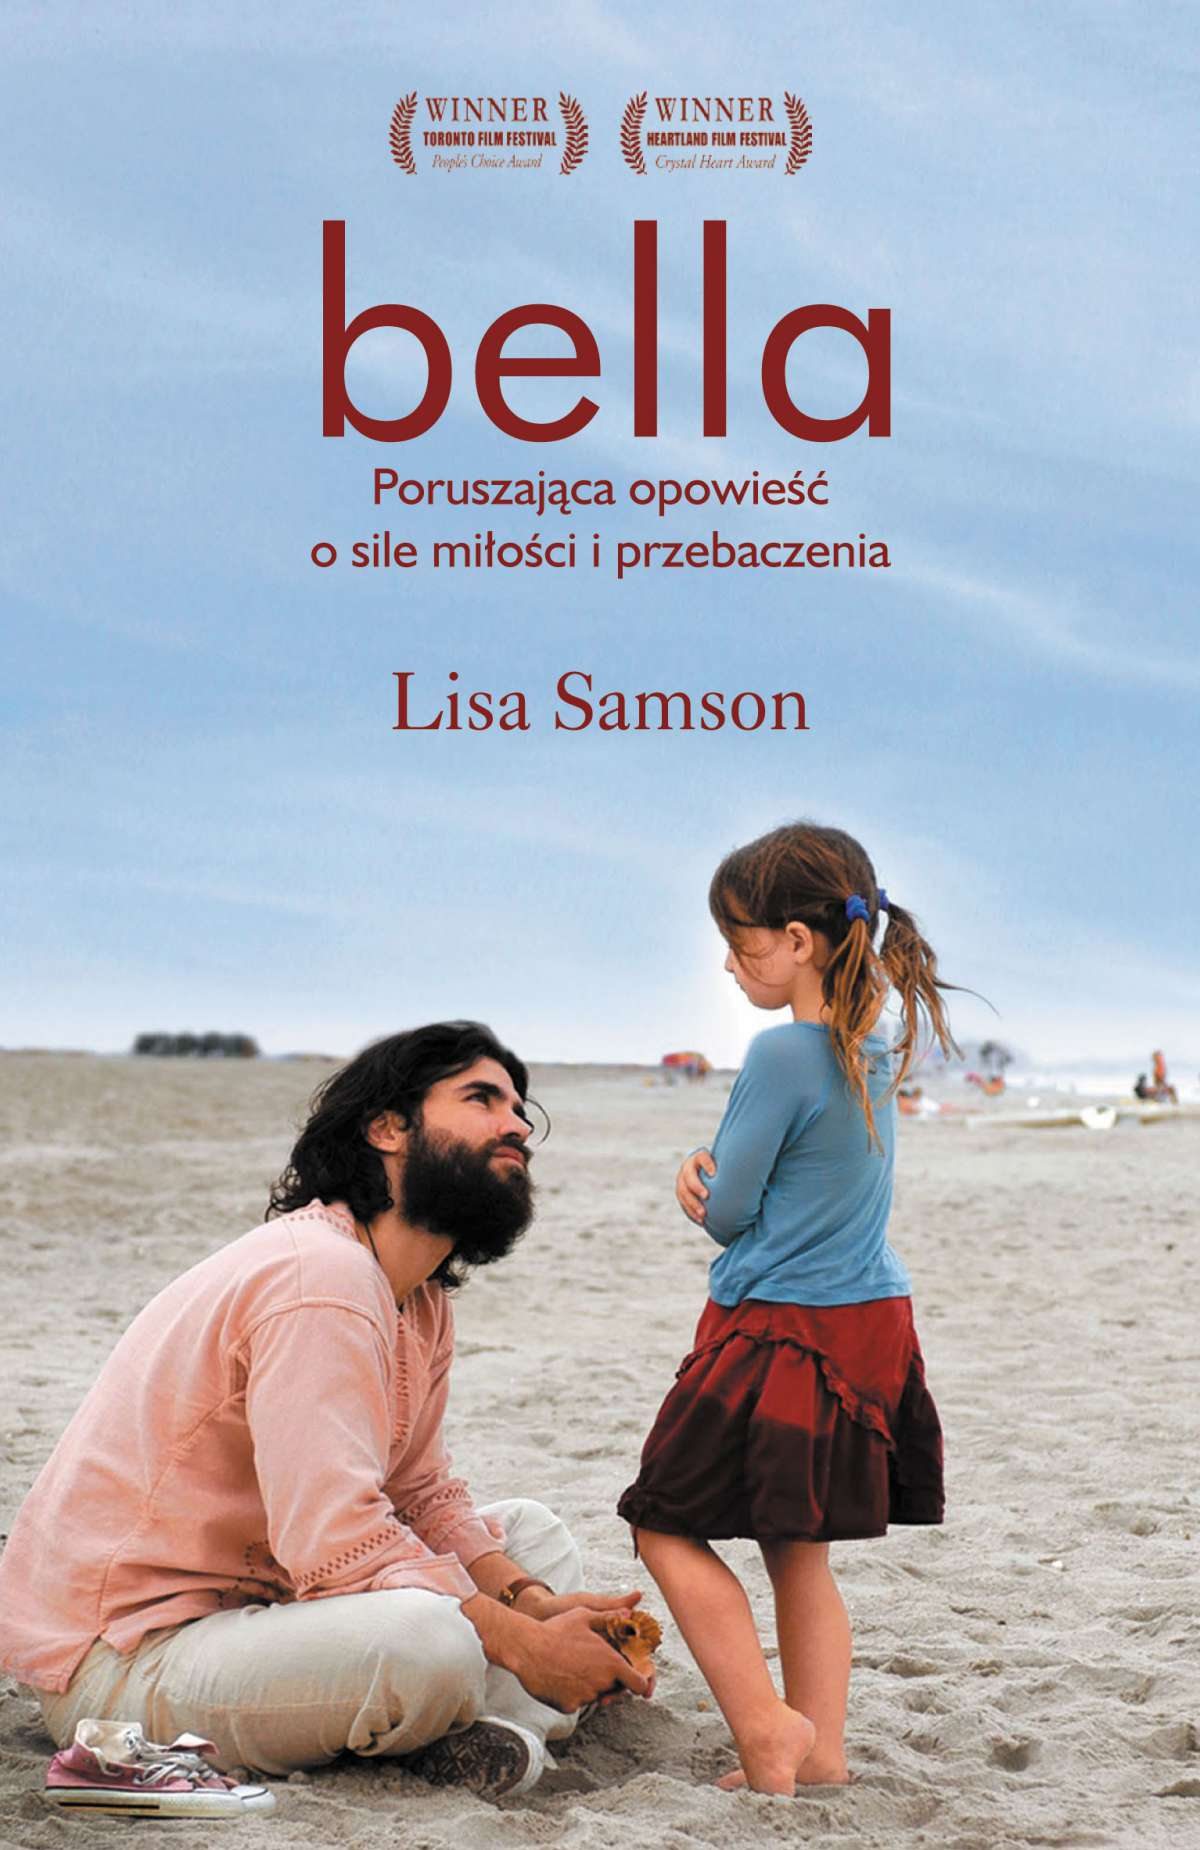 Bella - Ebook (Książka EPUB) do pobrania w formacie EPUB